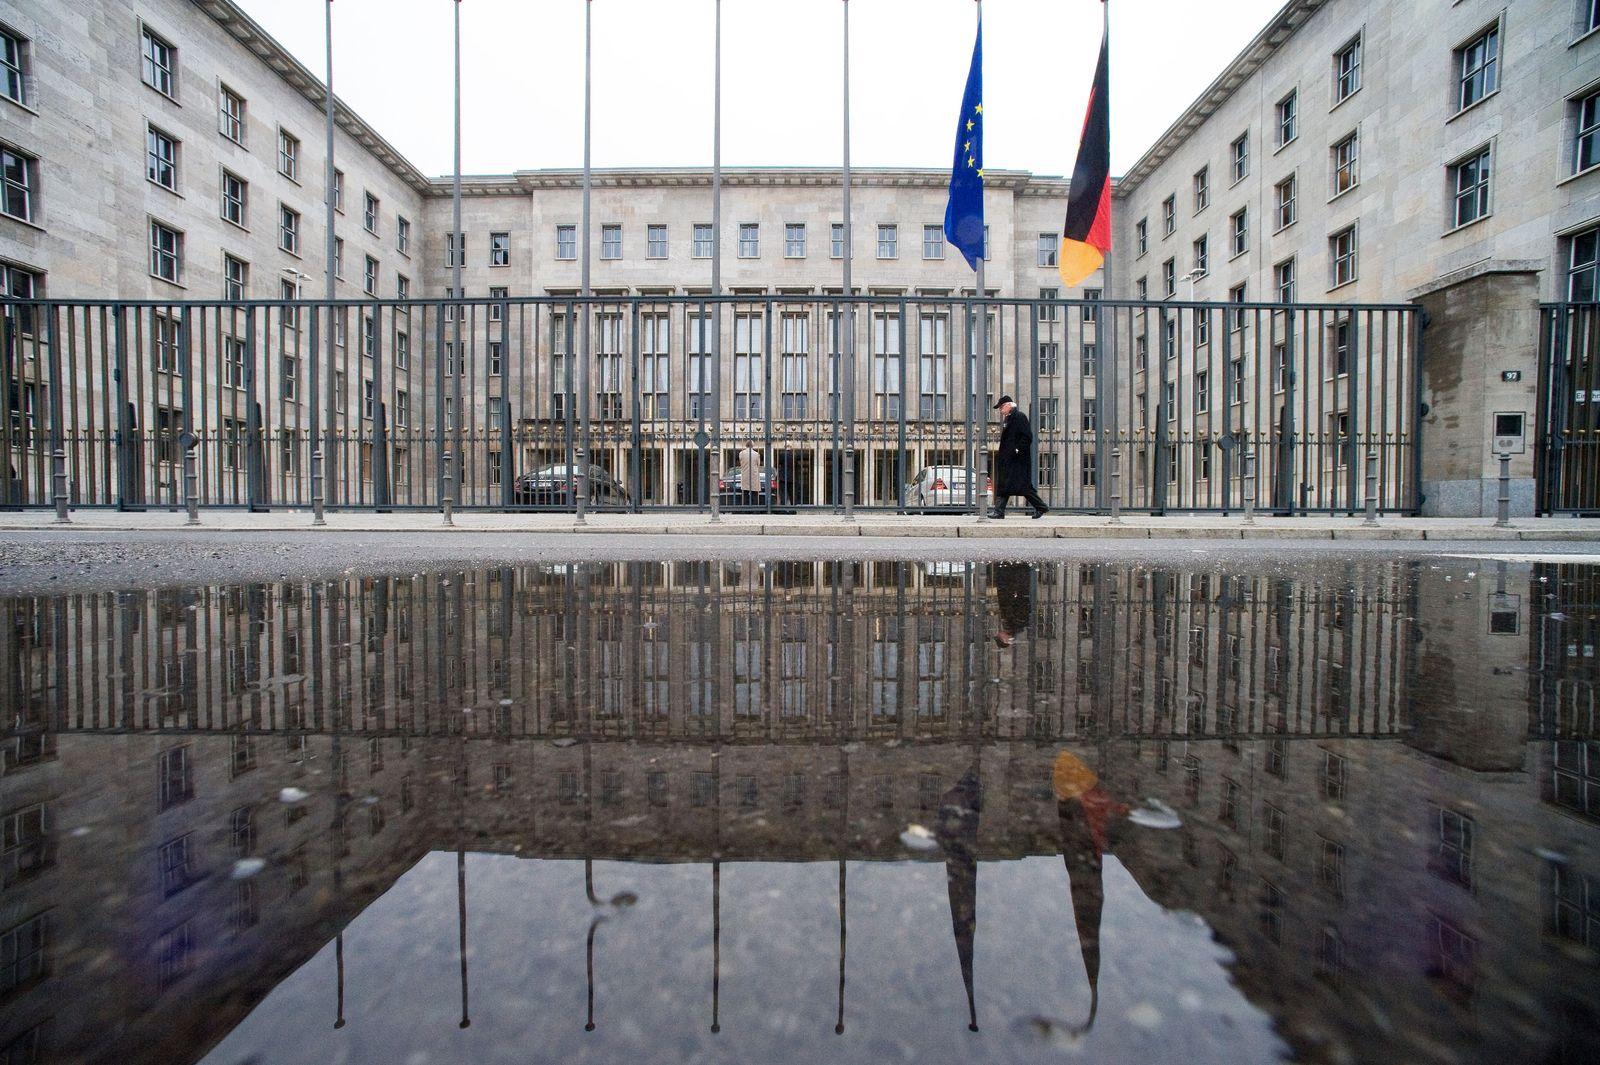 Finanzministerium /Bundesministerium der Finanzen